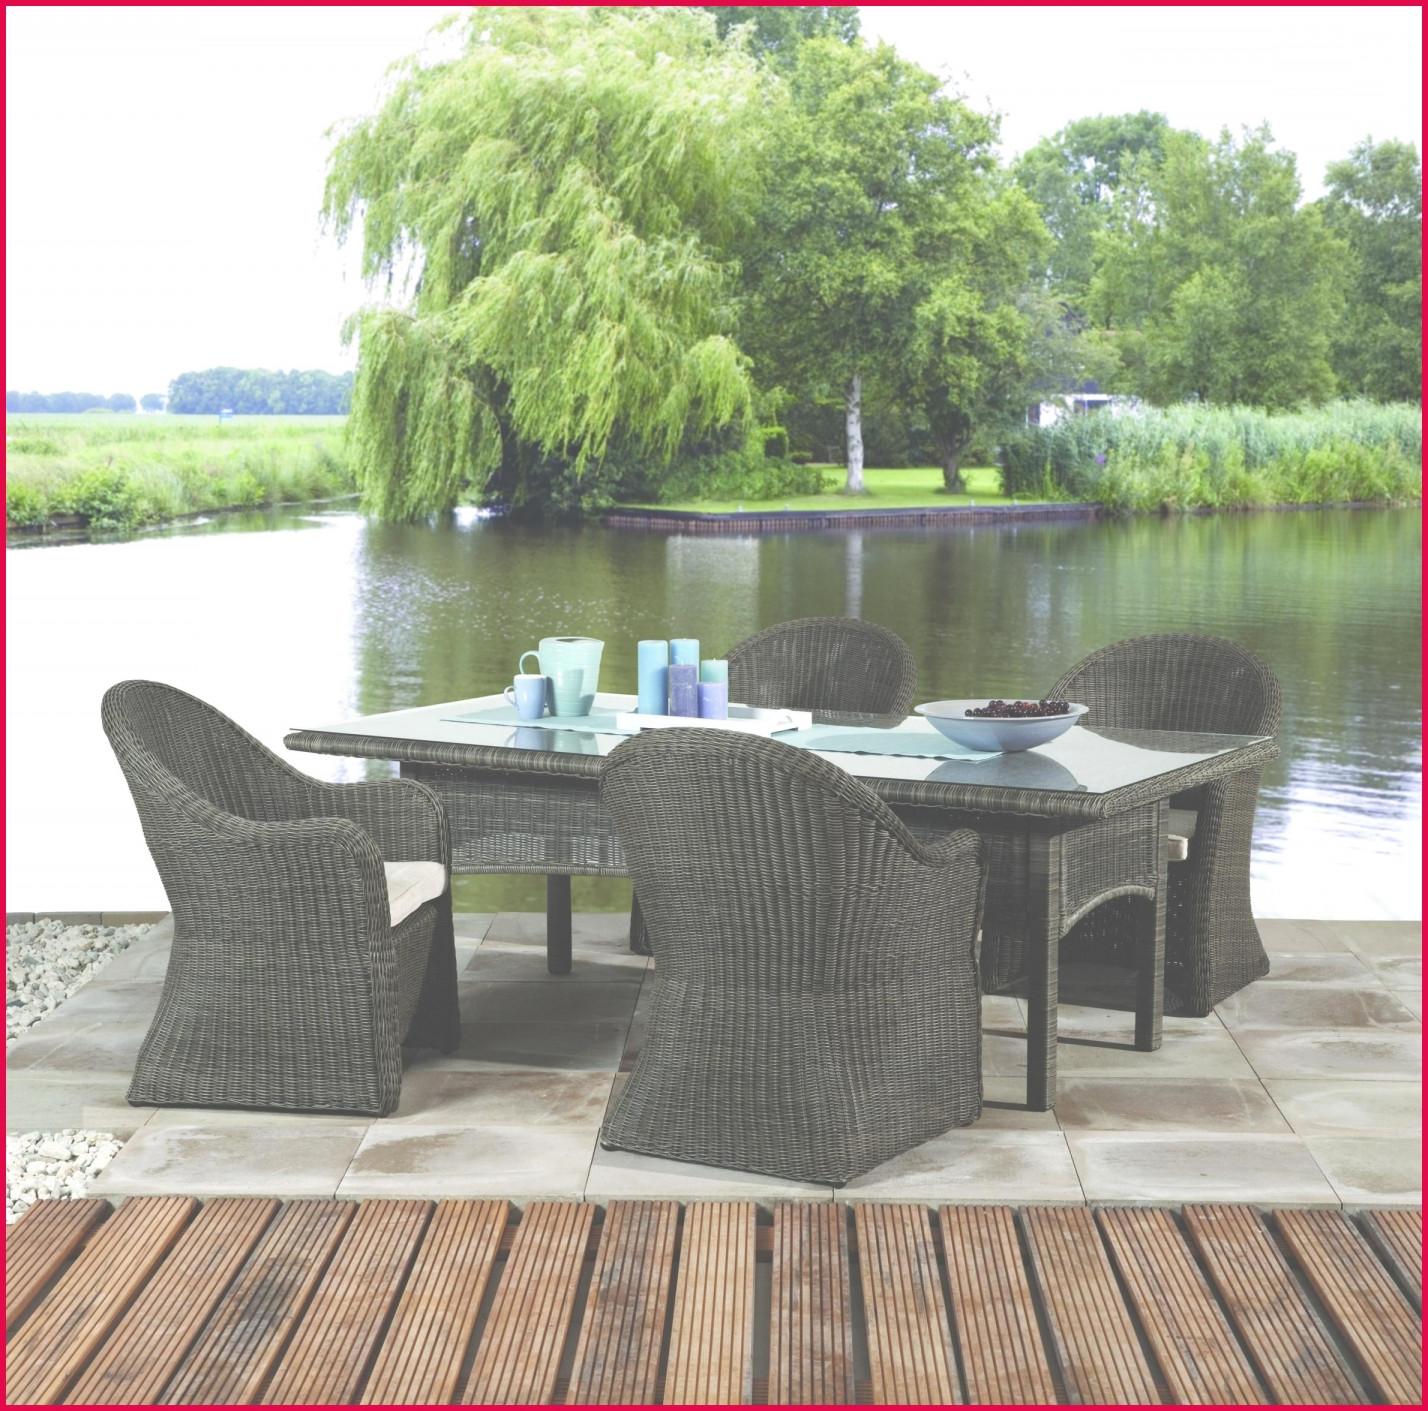 Le bon coin salon de jardin haute normandie - Jardin piscine et Cabane